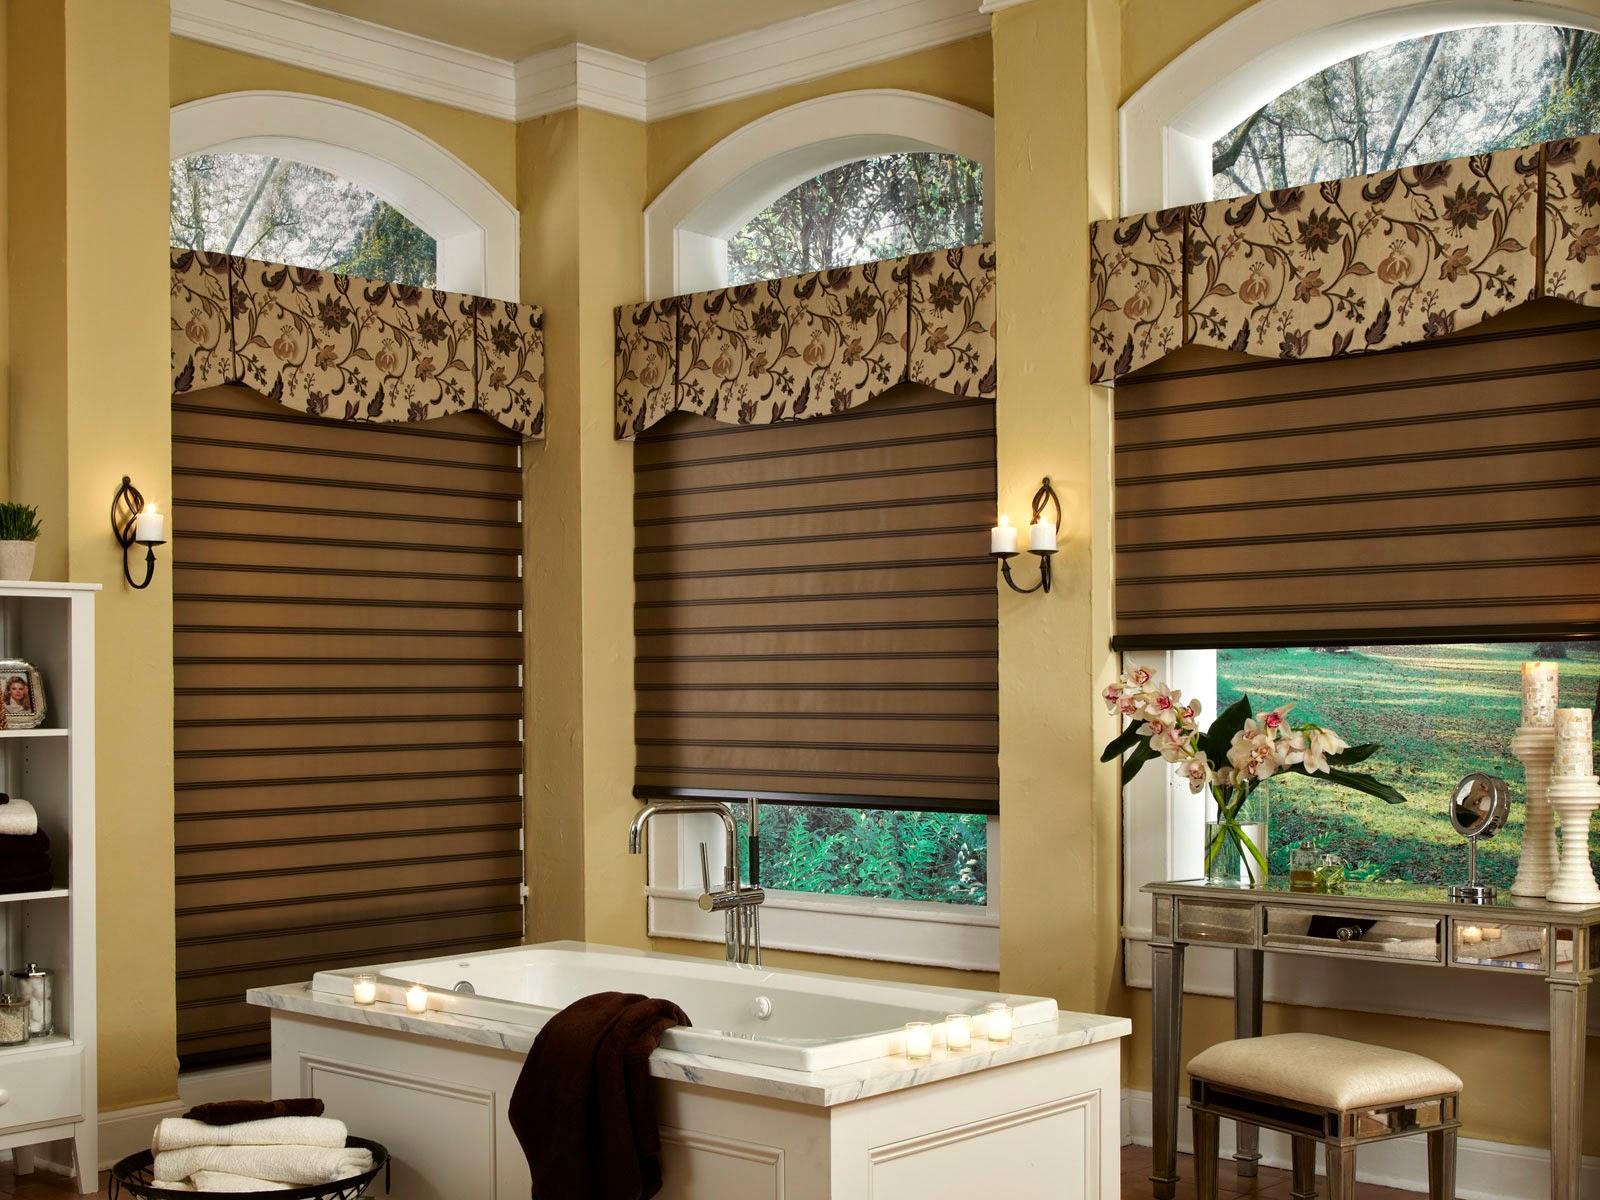 curtain ideas june 2014 bathroom curtains blinds ideas